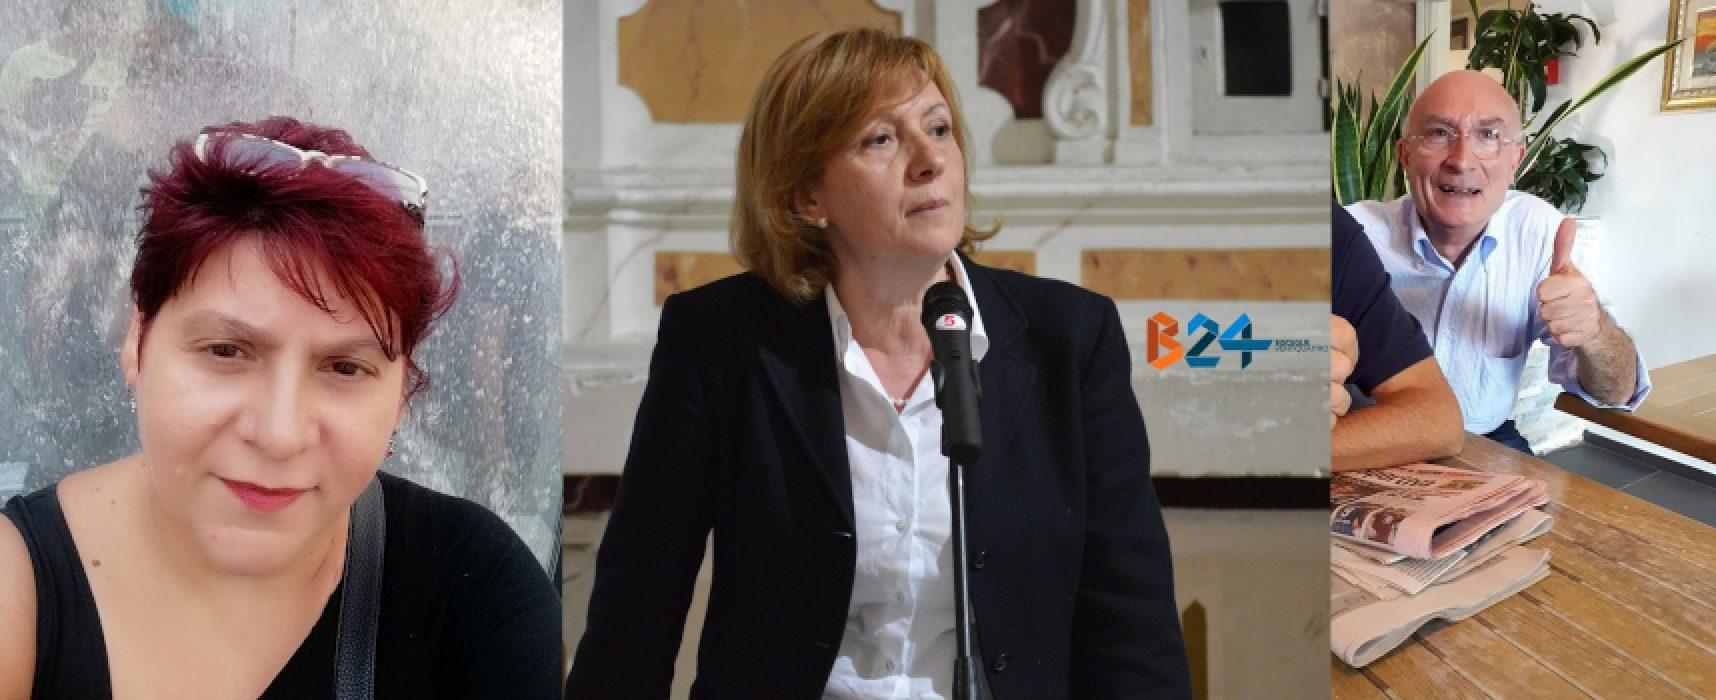 Fratelli d'Italia Bisceglie, la segretaria Tonia Spina affiancata da Mariagrazia Simone e Lino Todisco